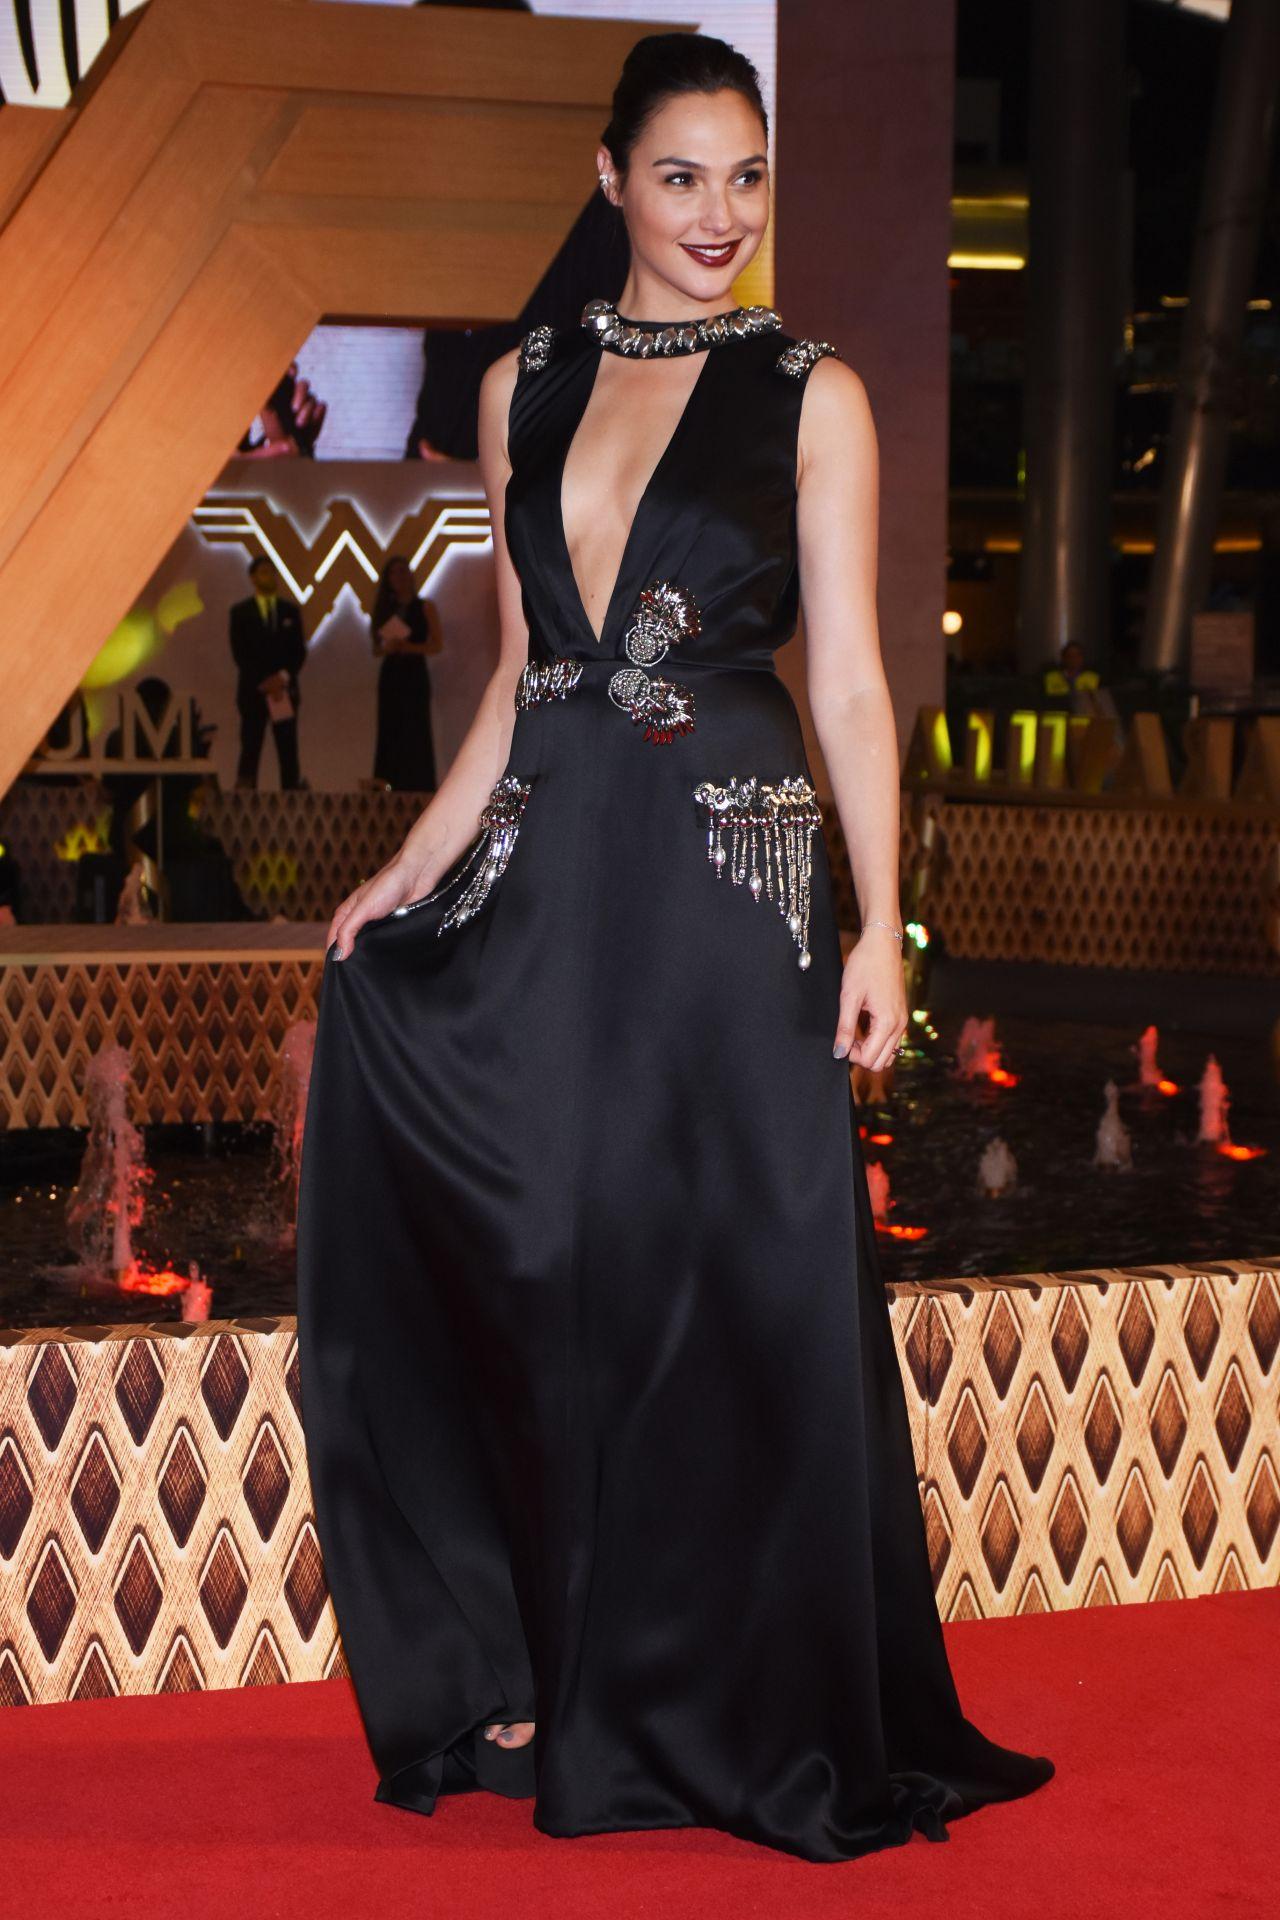 Gal Gadot Quot Wonder Woman Quot Premiere In Mexico City 05 27 2017